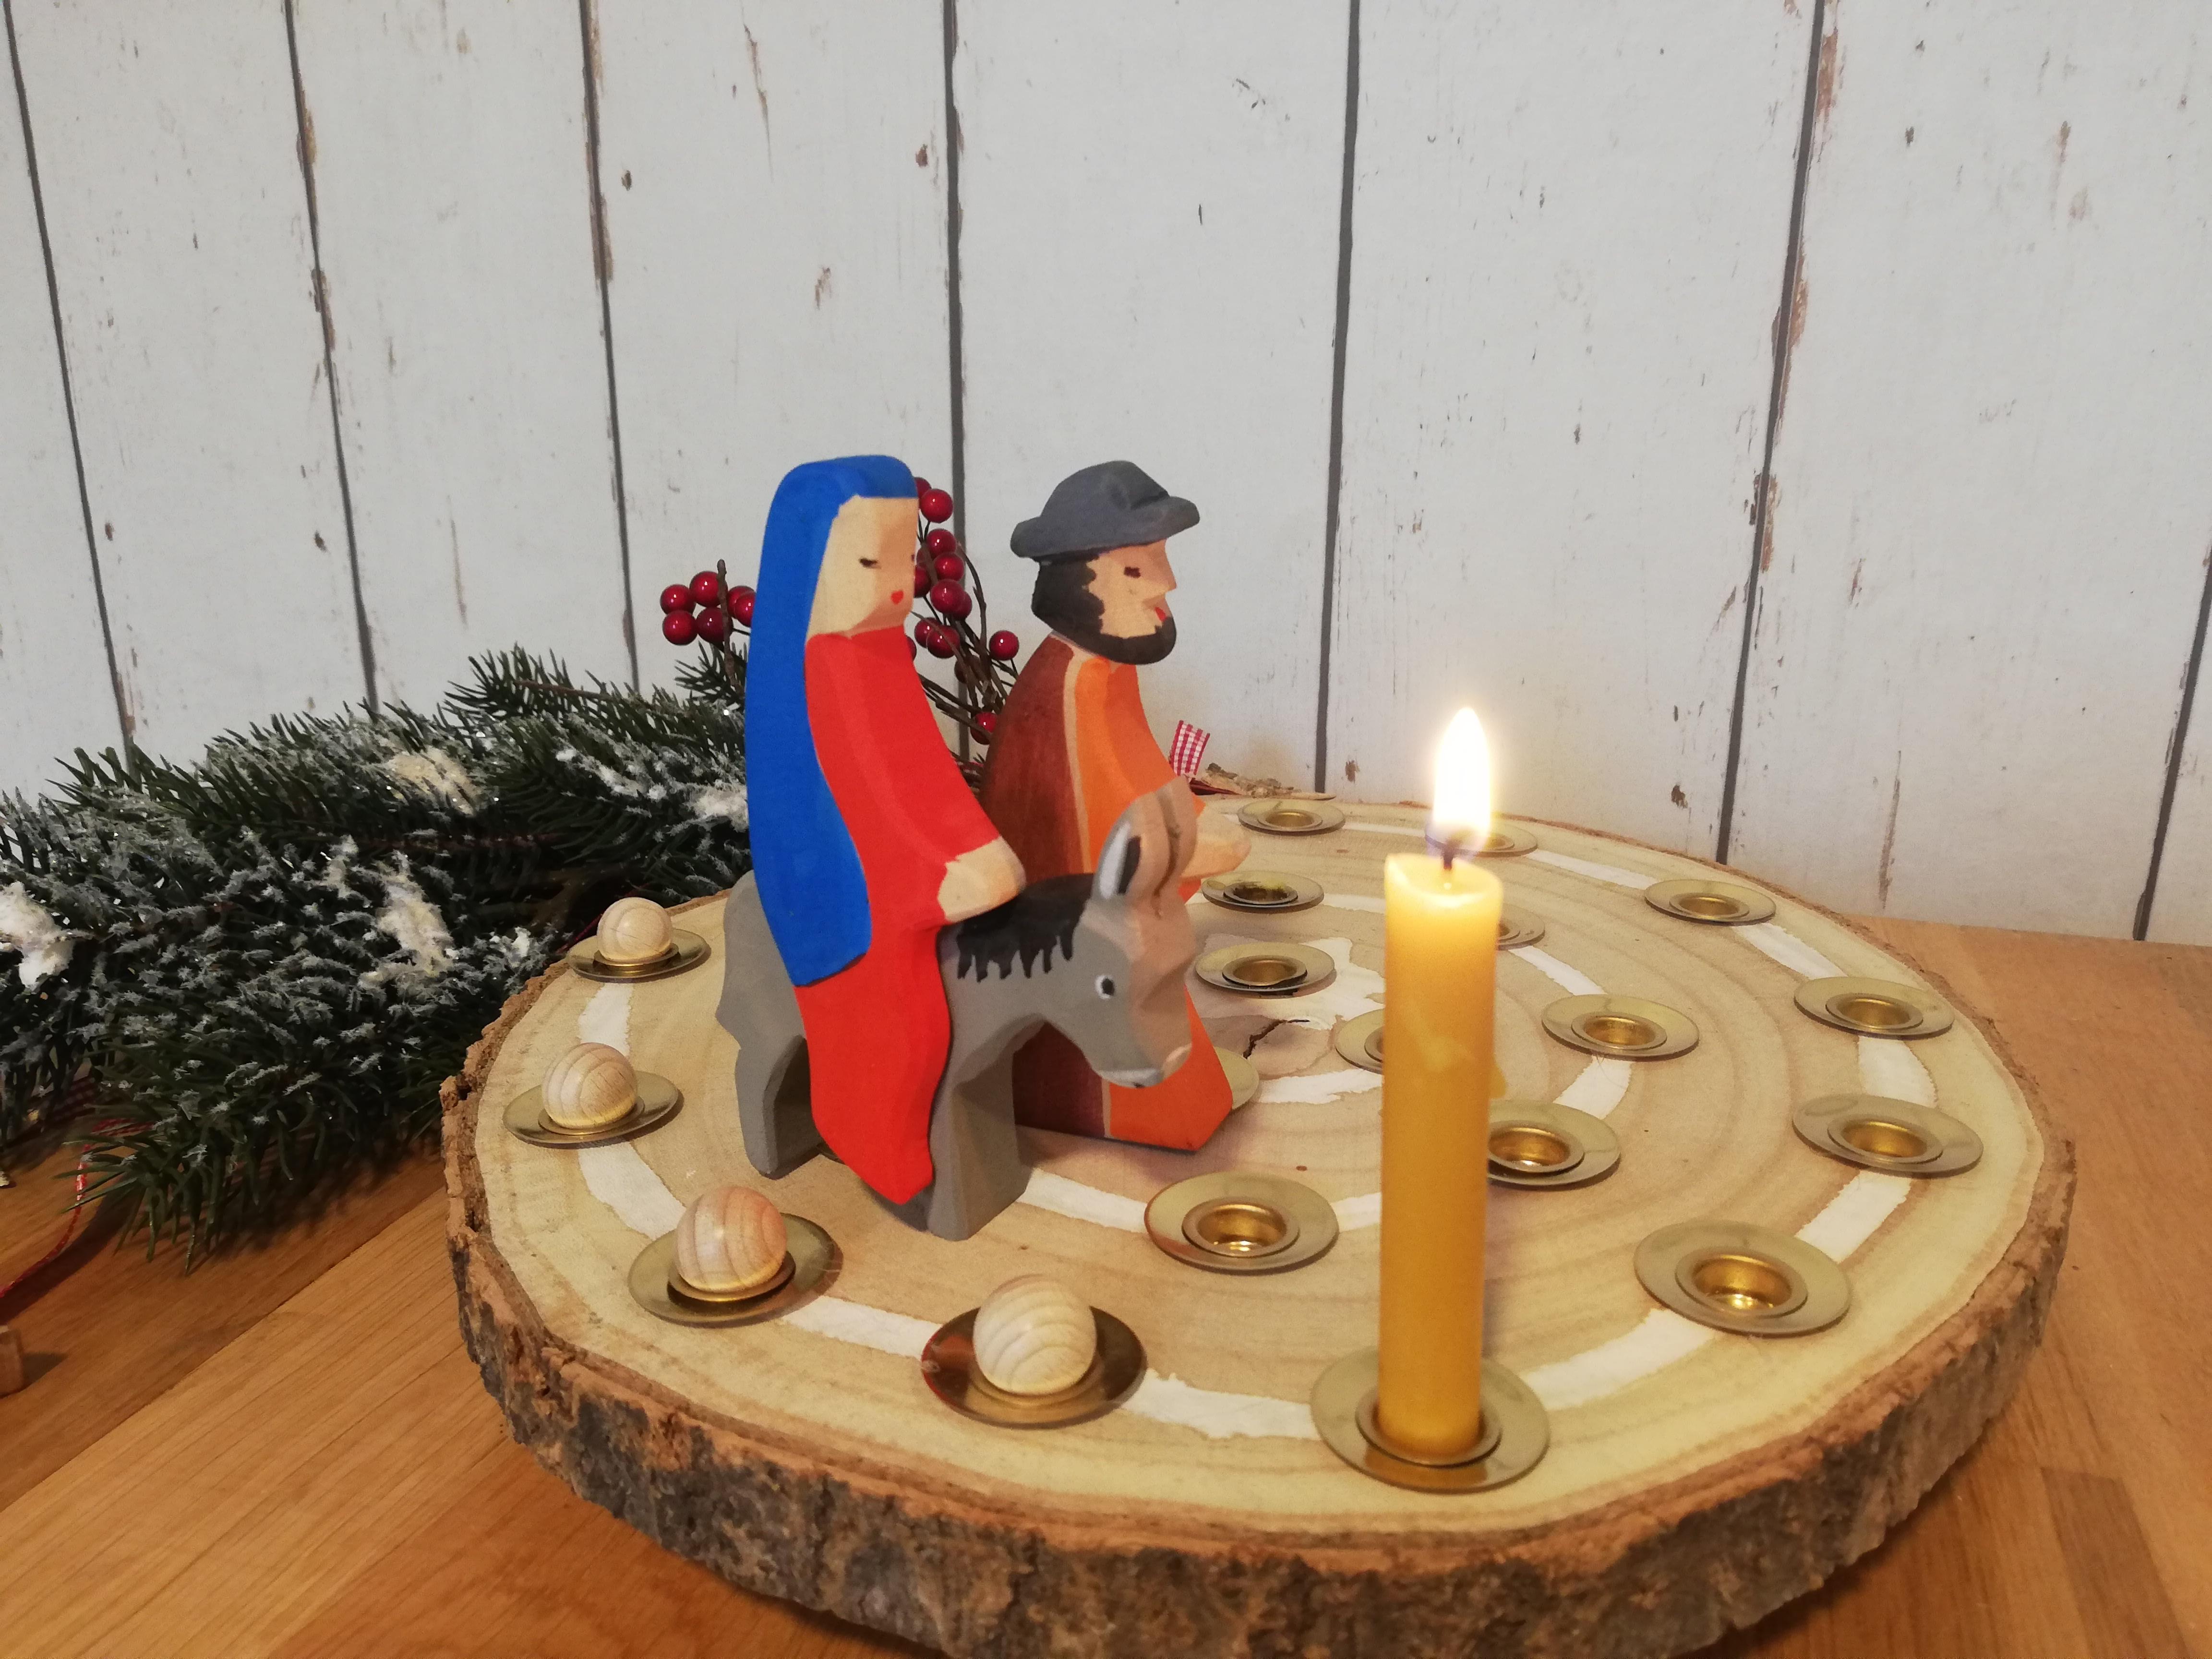 Adventsspirale aus Holz selbst machen, diy Adventsspirale, was ist eine adventsspirale